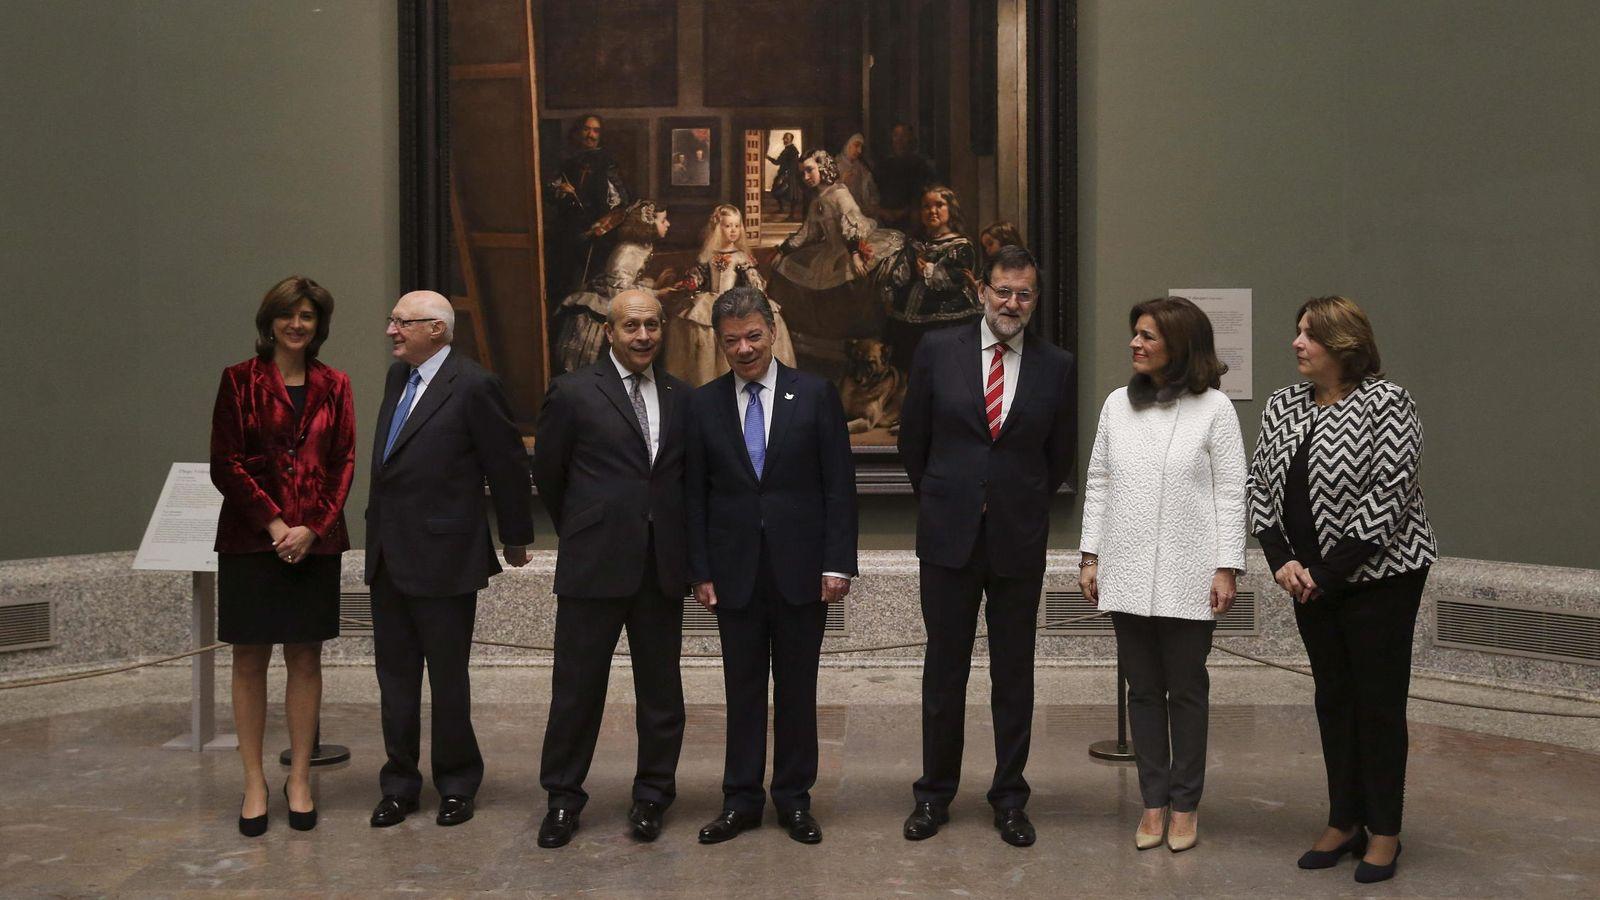 Foto: El presidente de Colombia, Juan Manuel Santos, entre Mariano Rajoy y José Ignacio Wert, posan delante de 'Las meninas', en El Prado, el pasado martes. (EFE)